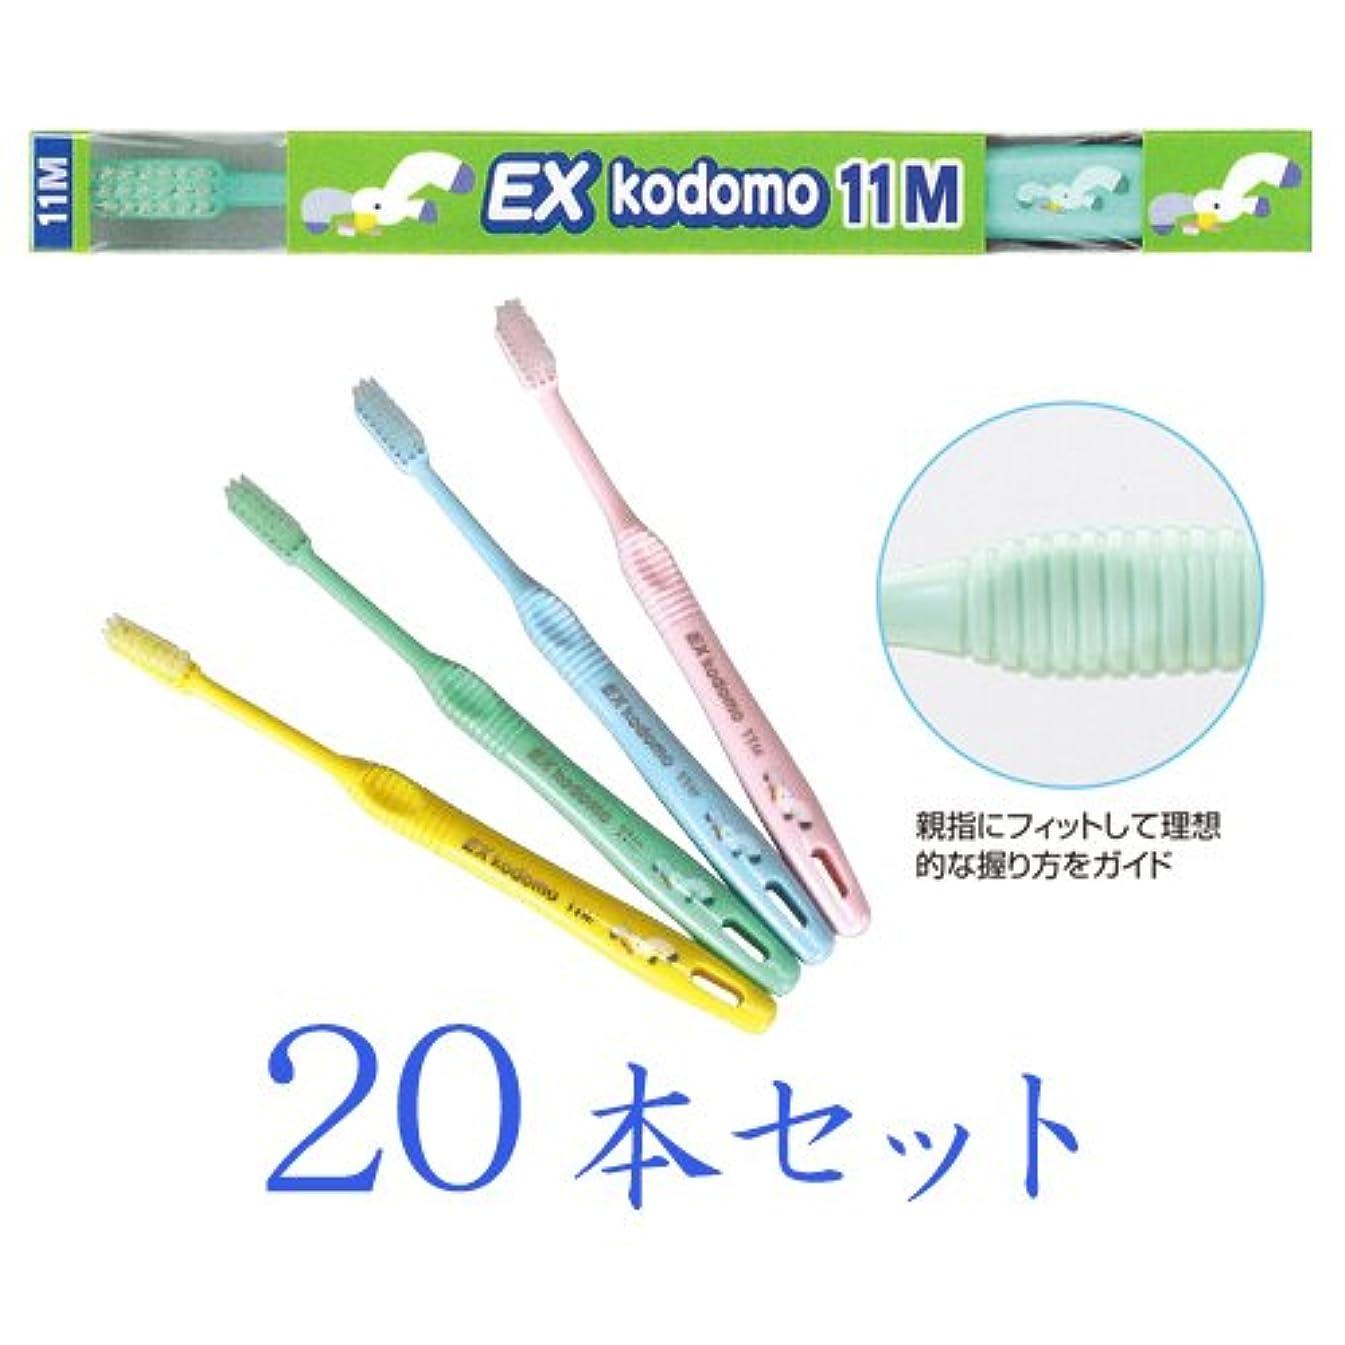 混乱した絞る熱意ライオン DENT.EX コドモ歯ブラシ 20本入 11M(混合歯列後期用?8~12歳)(カモメ)